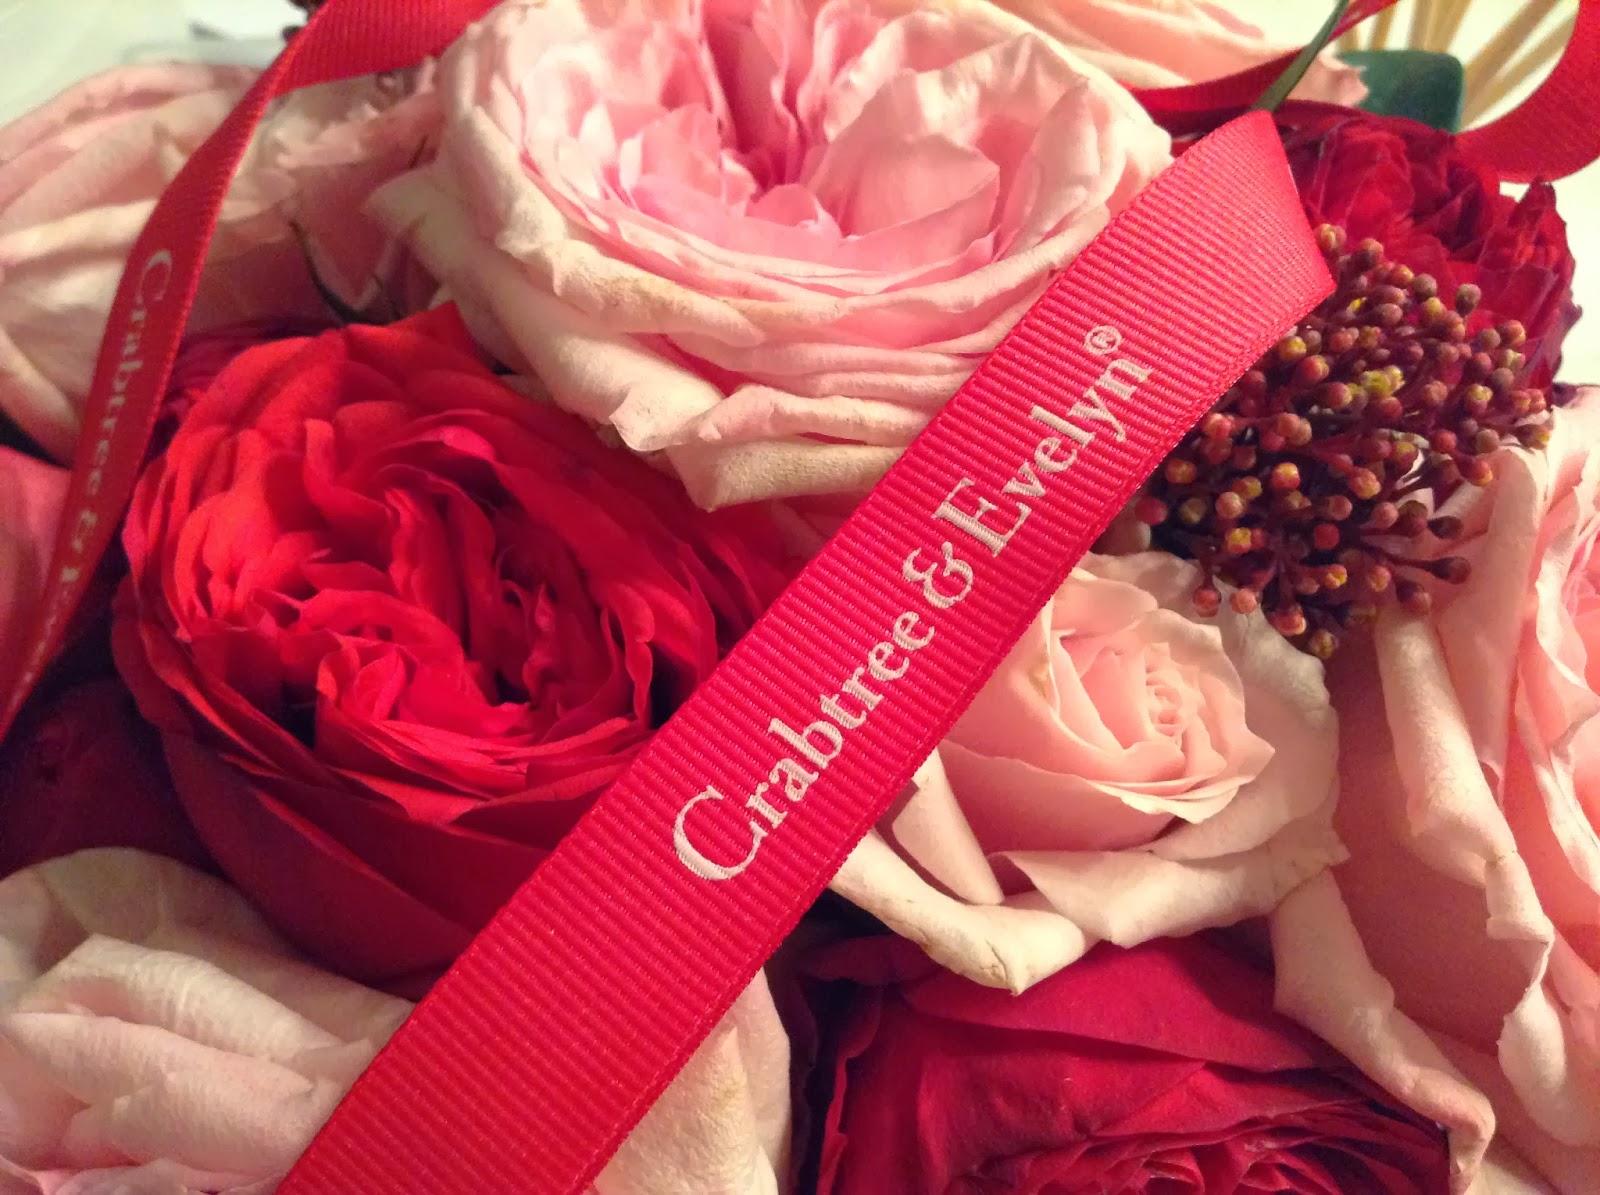 【新產品】Hand cream 品牌大突破*Crabtree & Evelyn 大馬士革玫瑰面部護膚系列 Damask Rose Skincare + 率先試用面膜後感